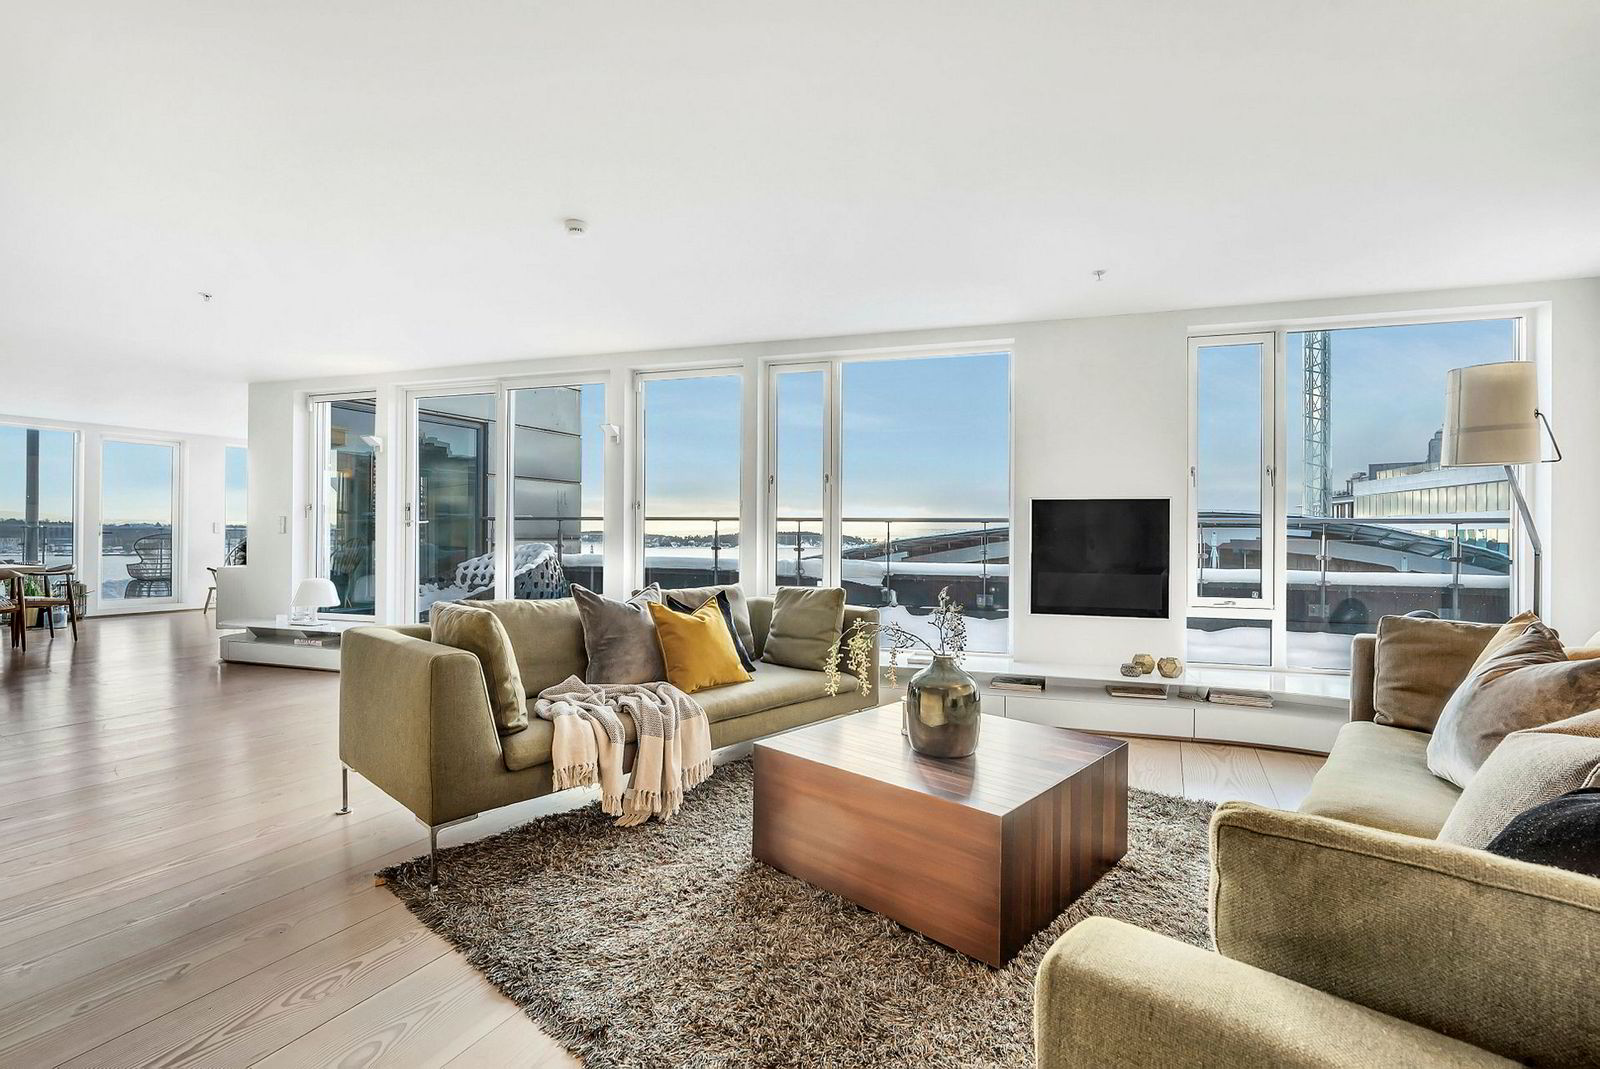 Utsnitt fra interiøret i leiligheten